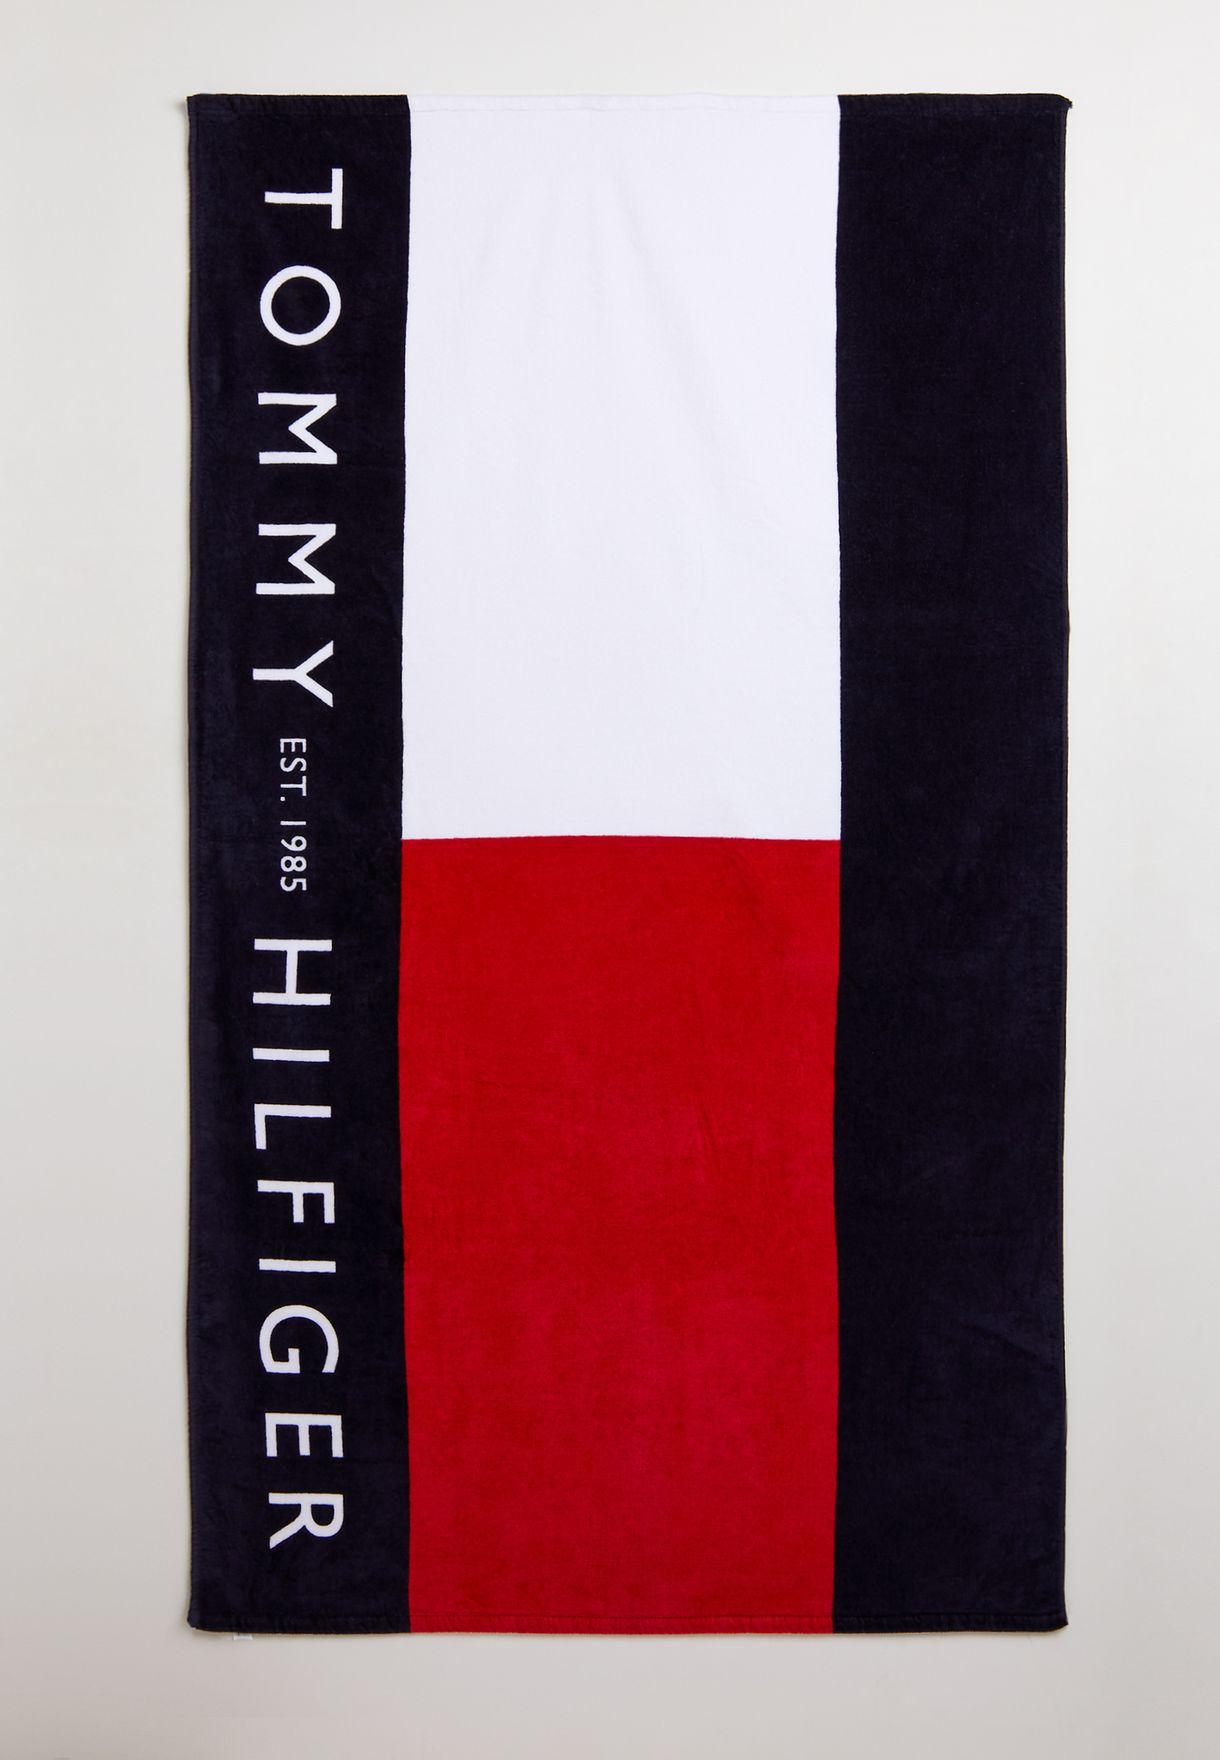 منشفة شاطئ بطباعة شعار الماركة